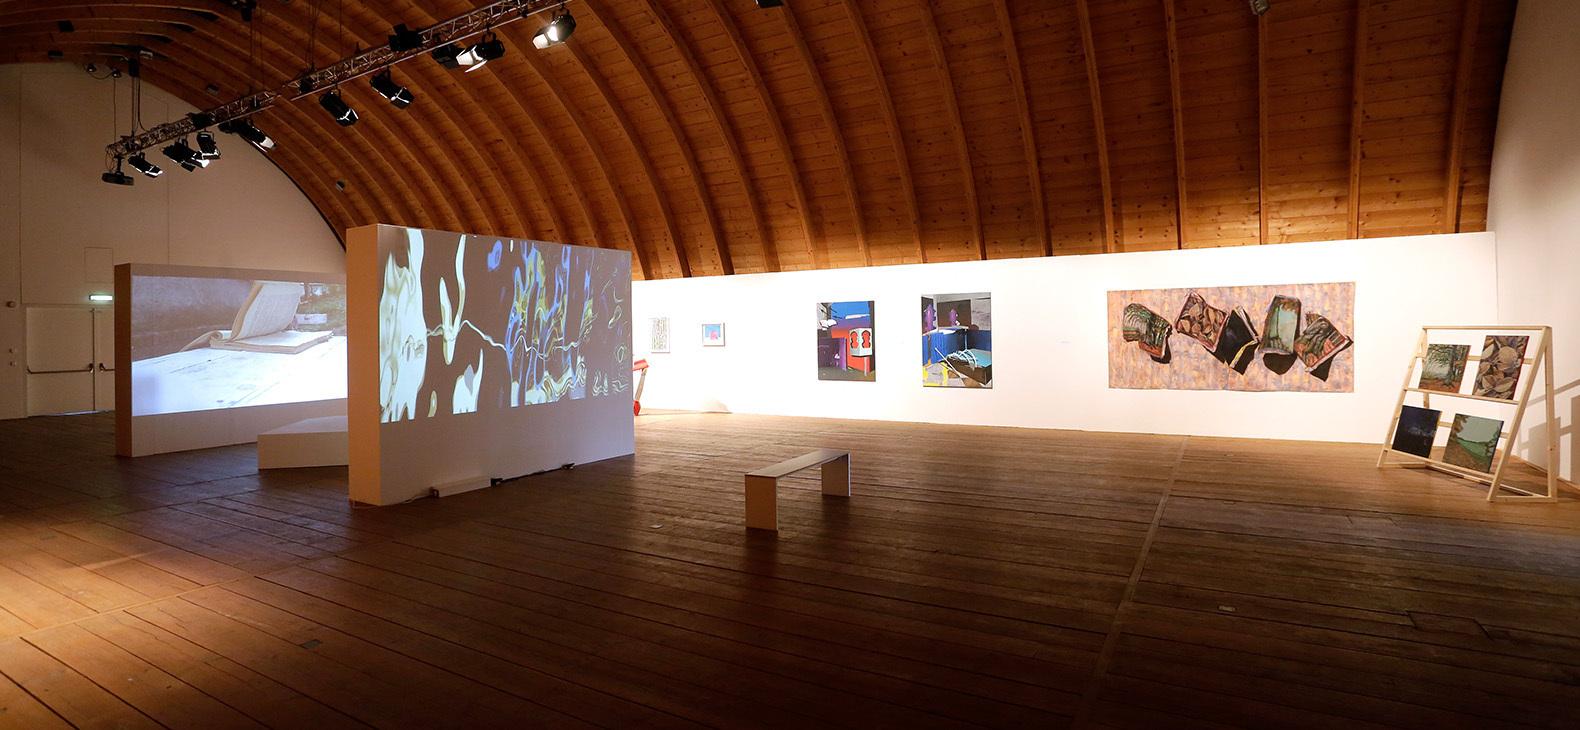 Ausstellung Fokus Europa I - Blick ins Tonnengewölbe